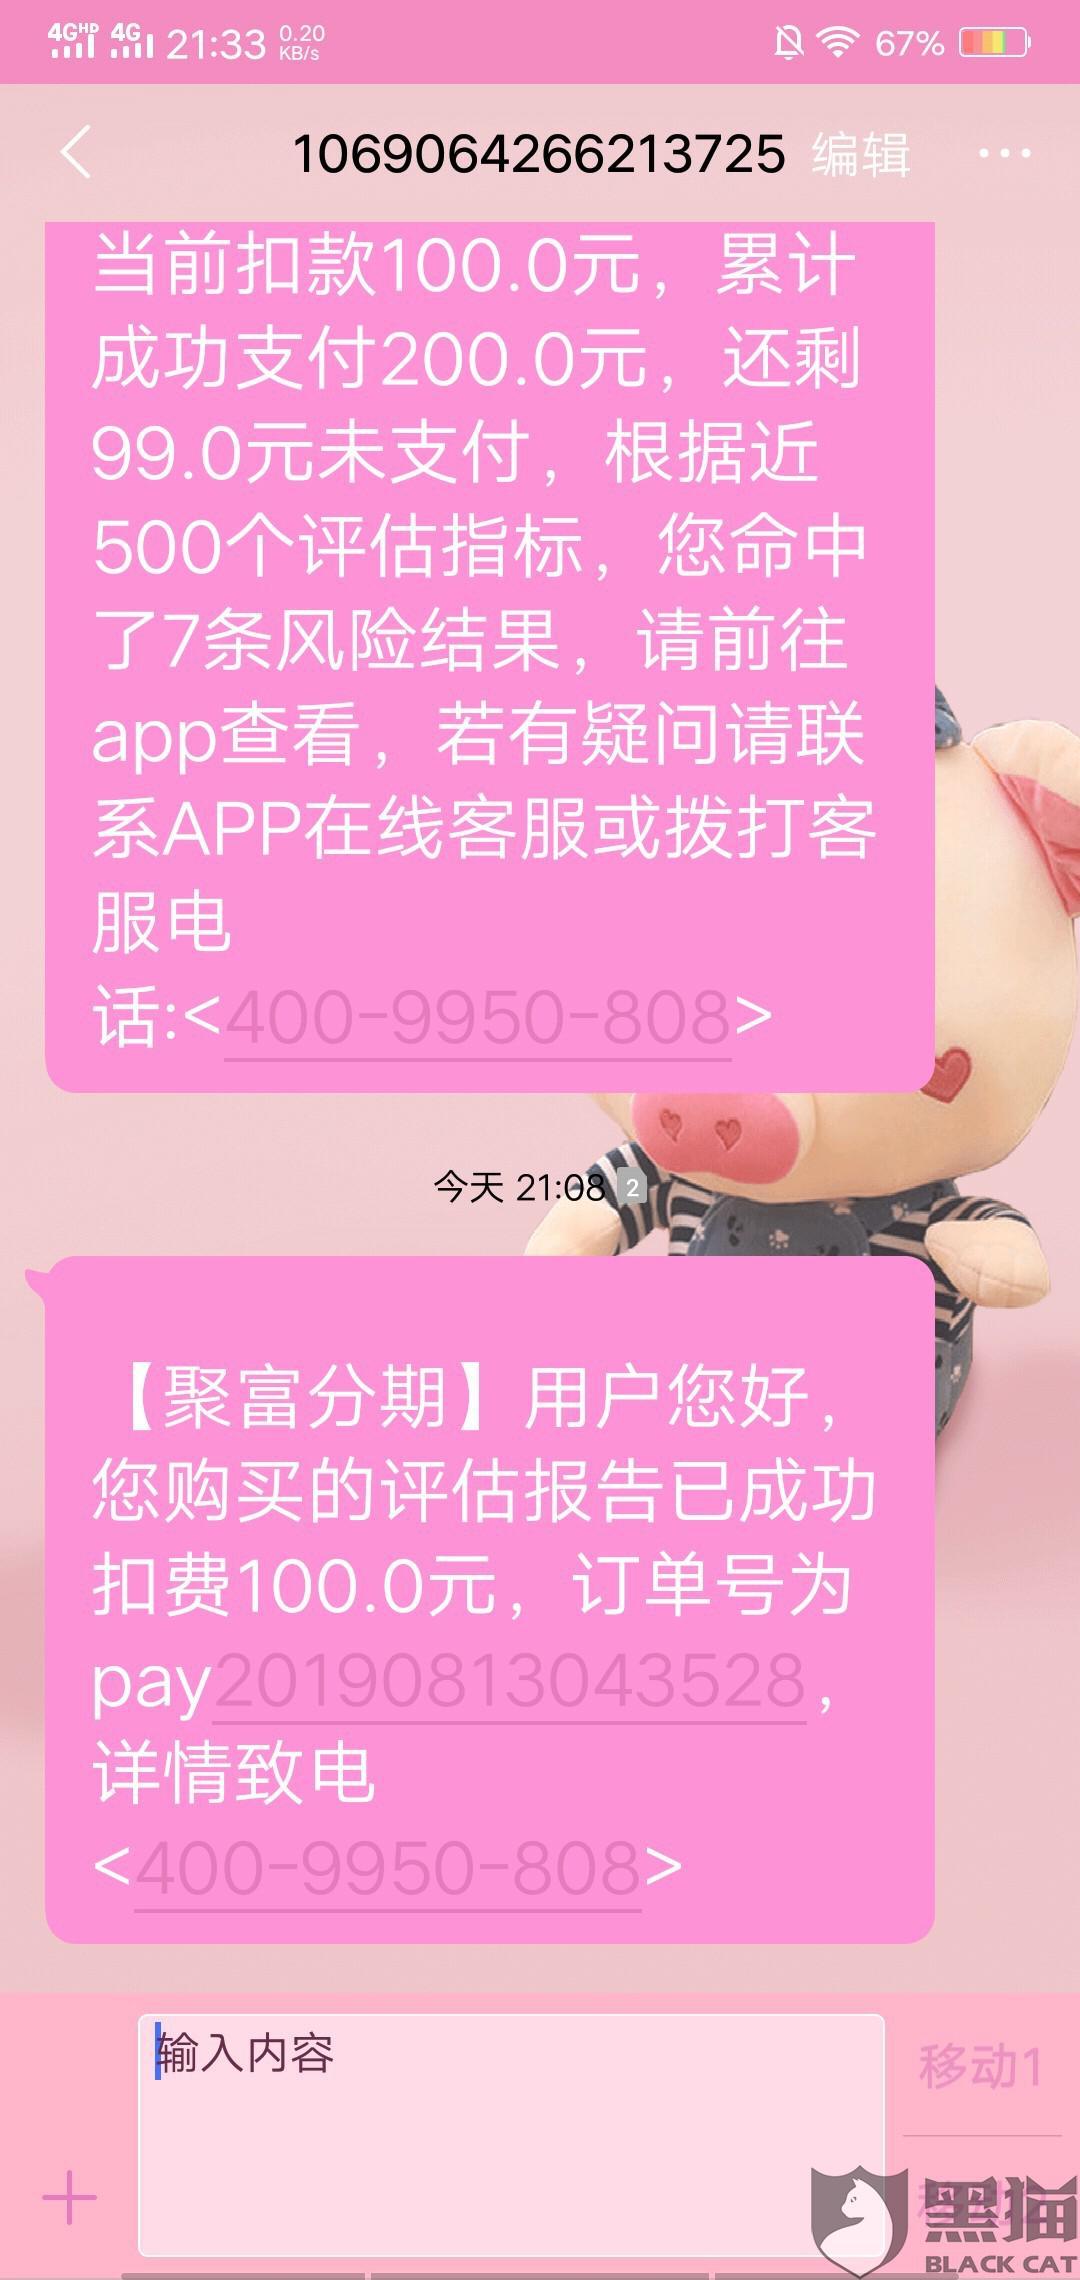 黑猫投诉:《聚富分期》手机借贷APP未经用户同意私自扣除不明白不存在的费用现象